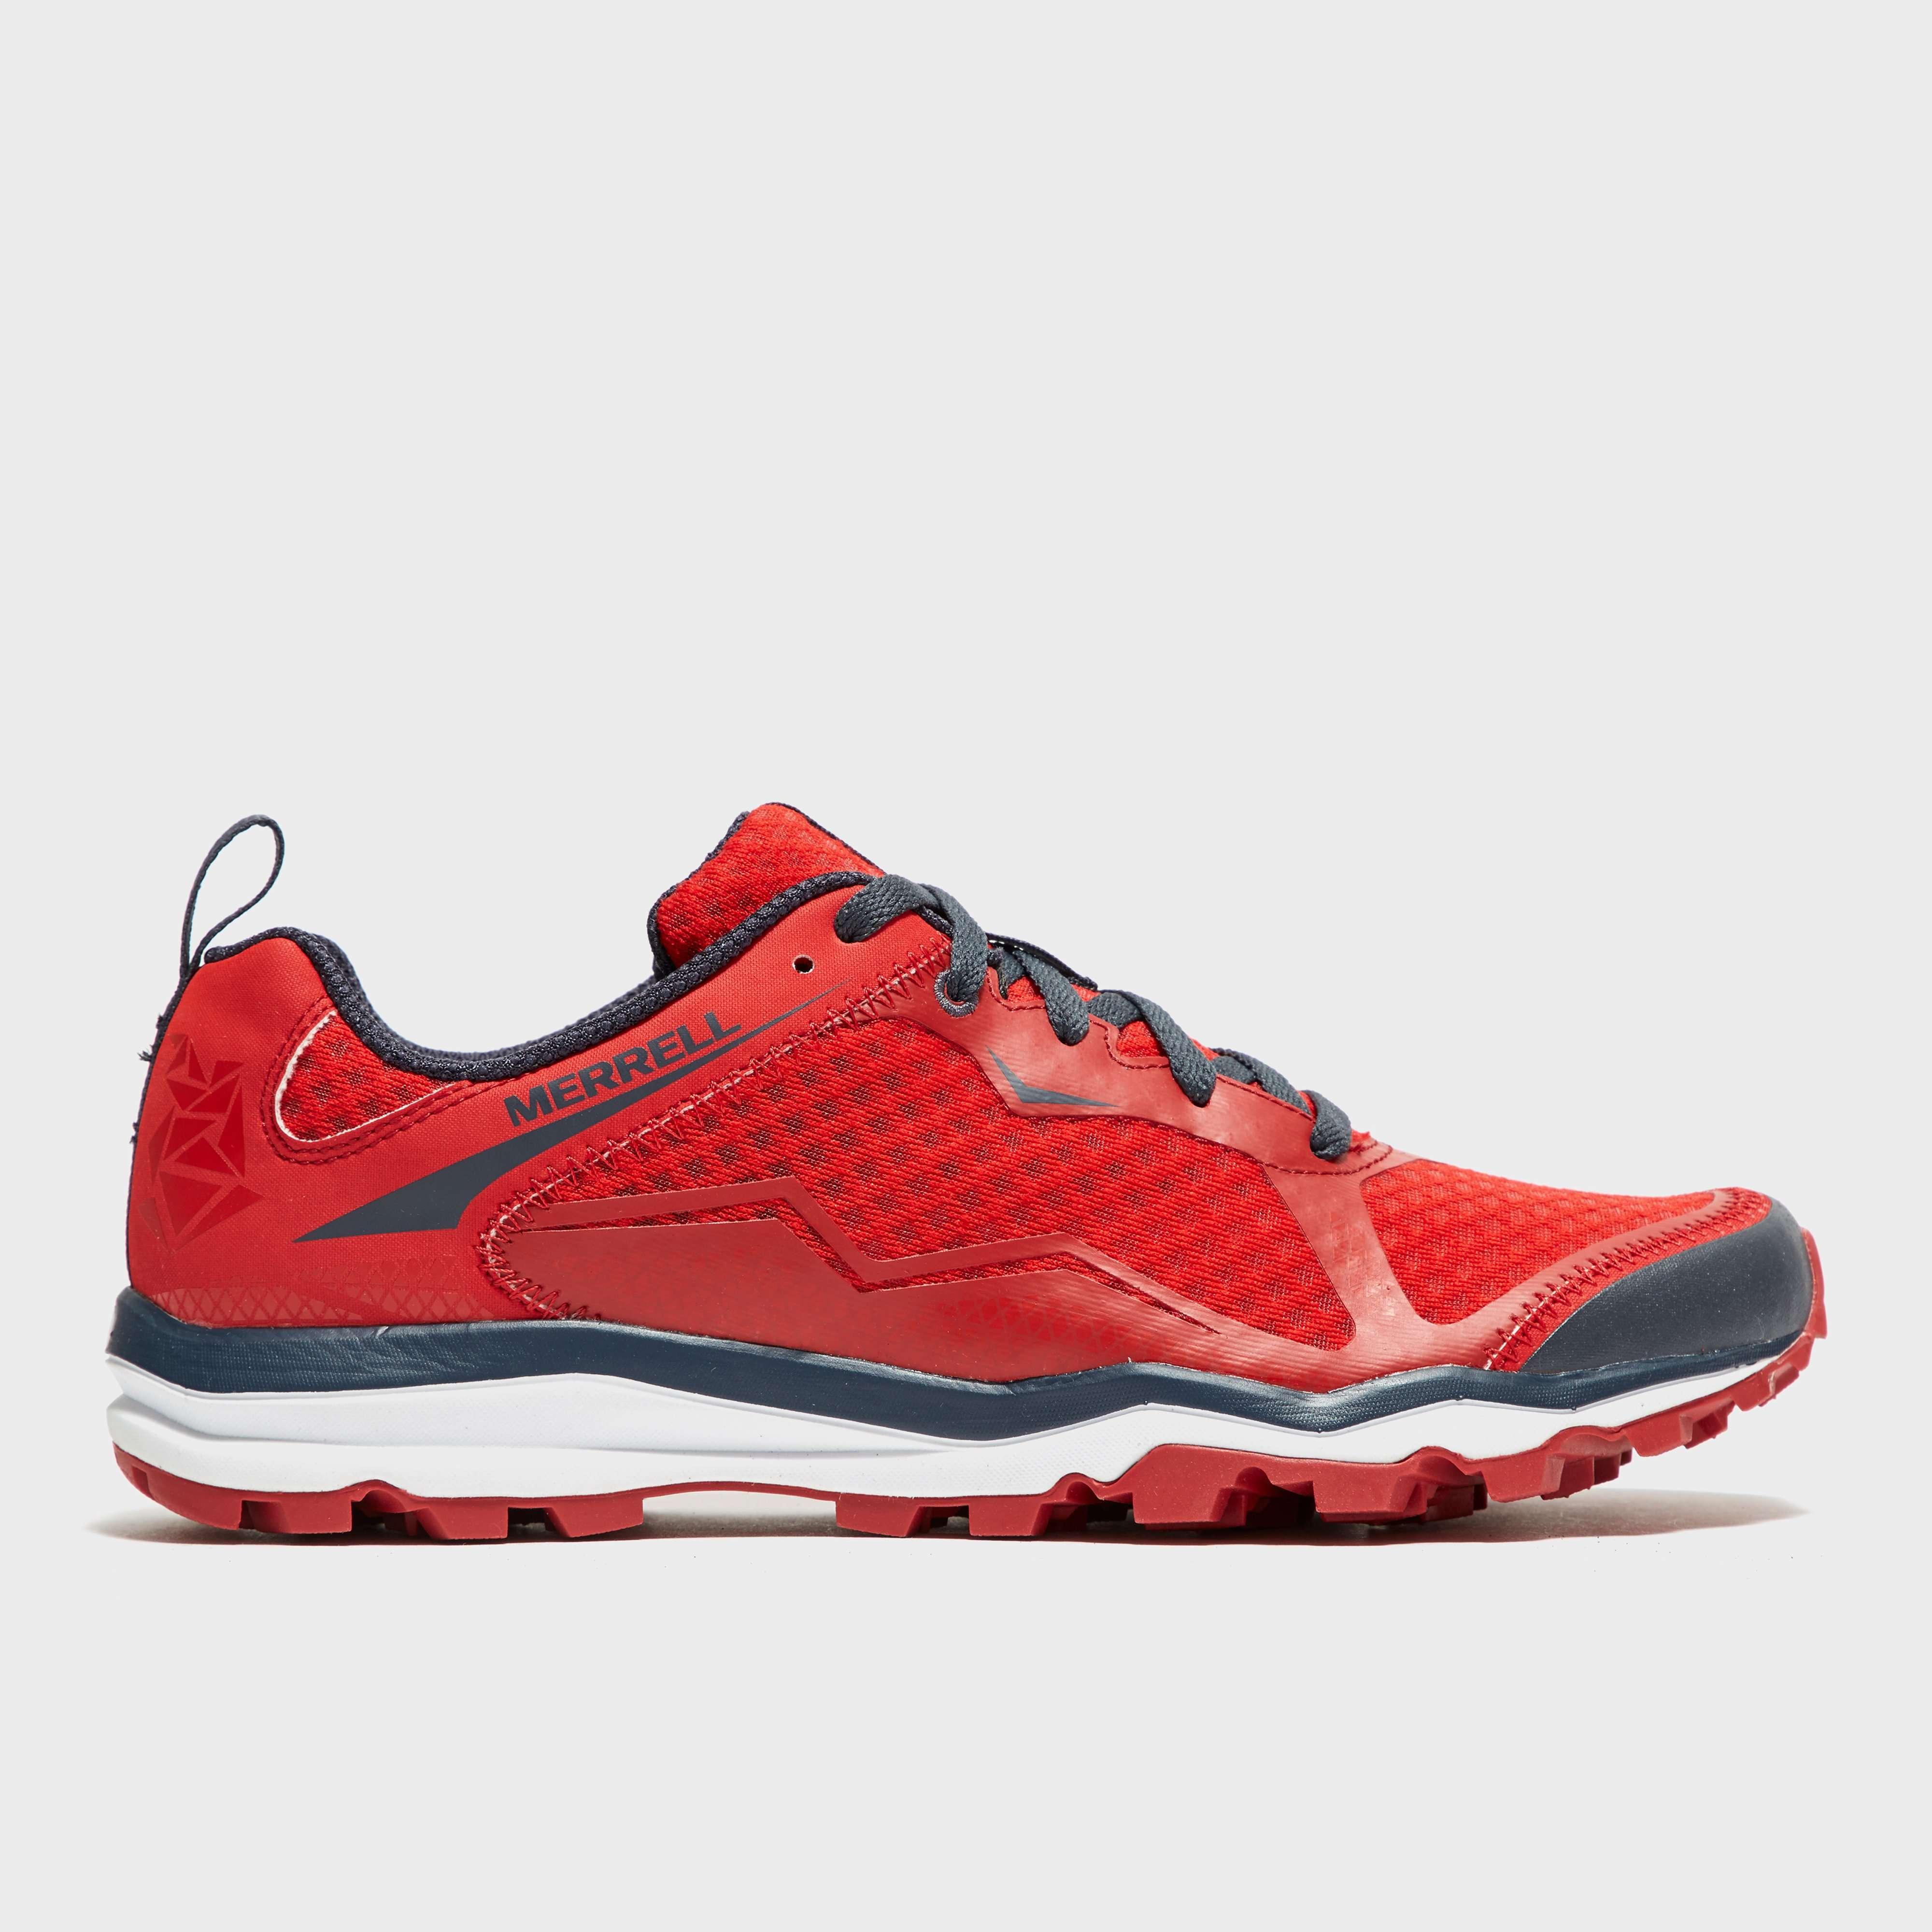 MERRELL Men's All Out Crush Light Trail Running Shoe